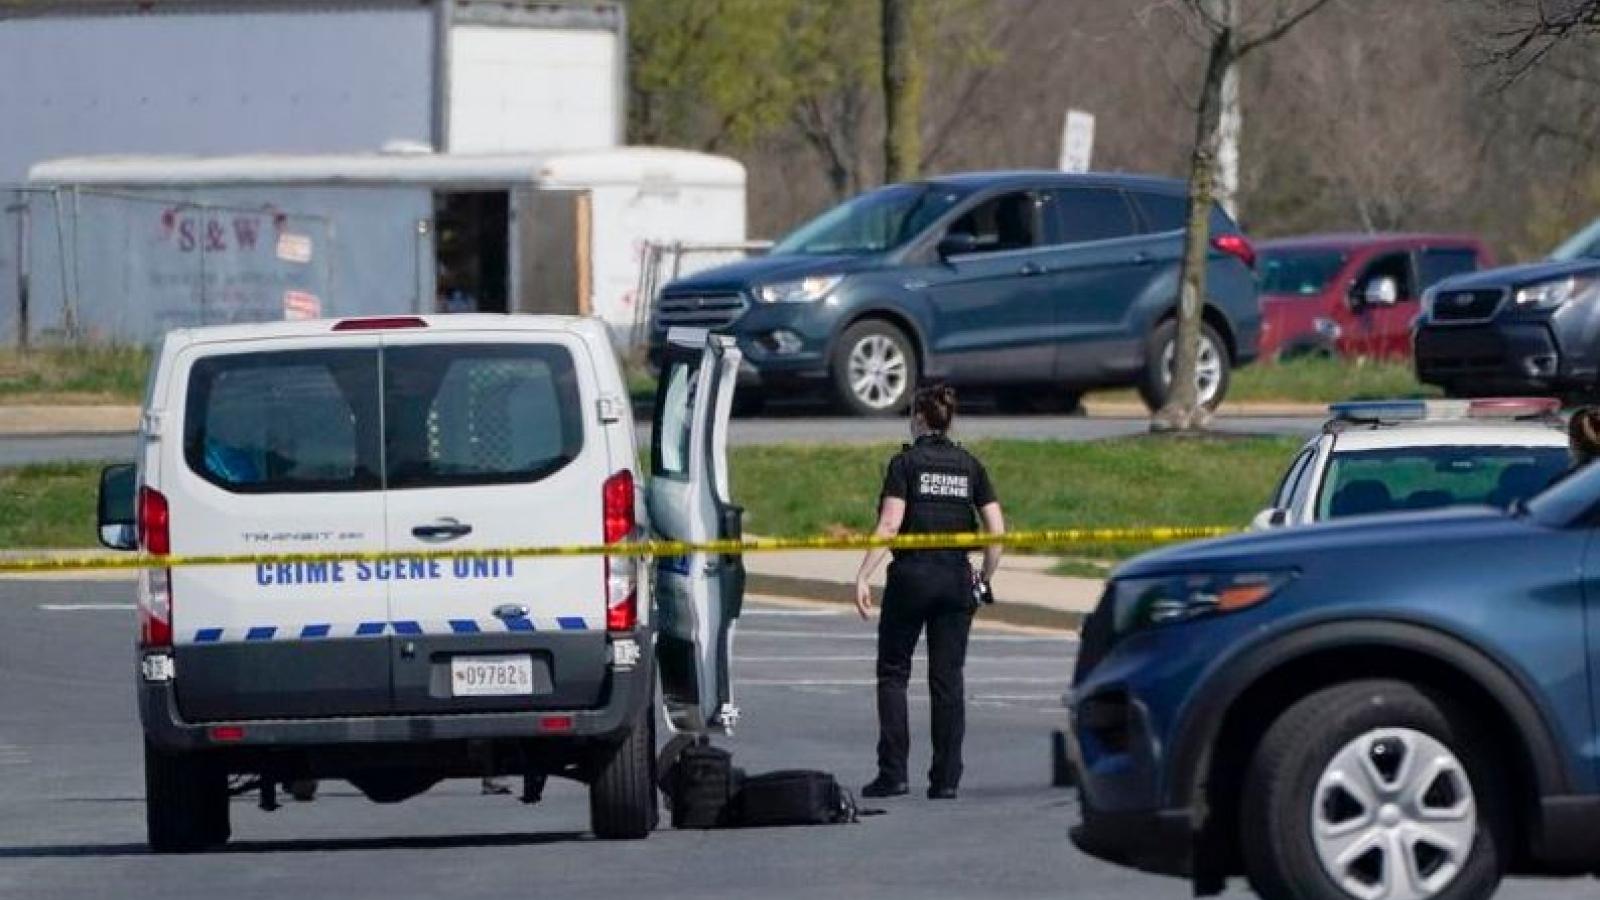 Nổ súng gần căn cứ quân sự Mỹ, nghi phạm bị bắn chết